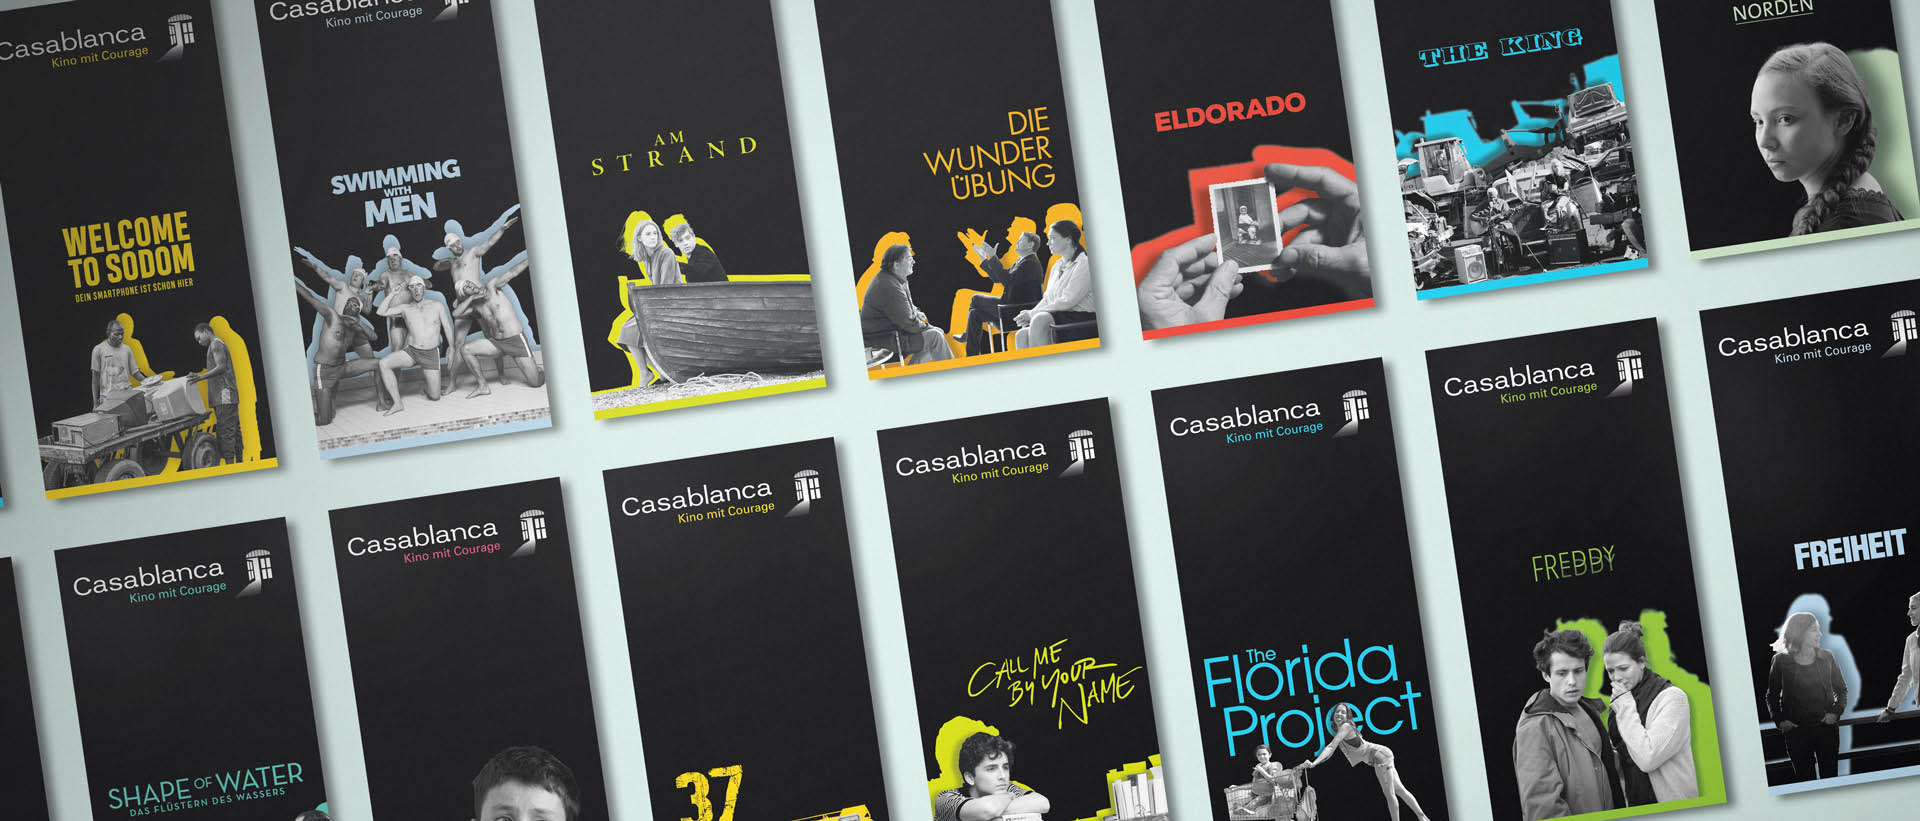 Für das Casablanca Kino aus Nürnberg hat REINGOLD den kompletten Marken-Relaunch konzipiert und realisiert – insbesondere den Programm-Flyer.